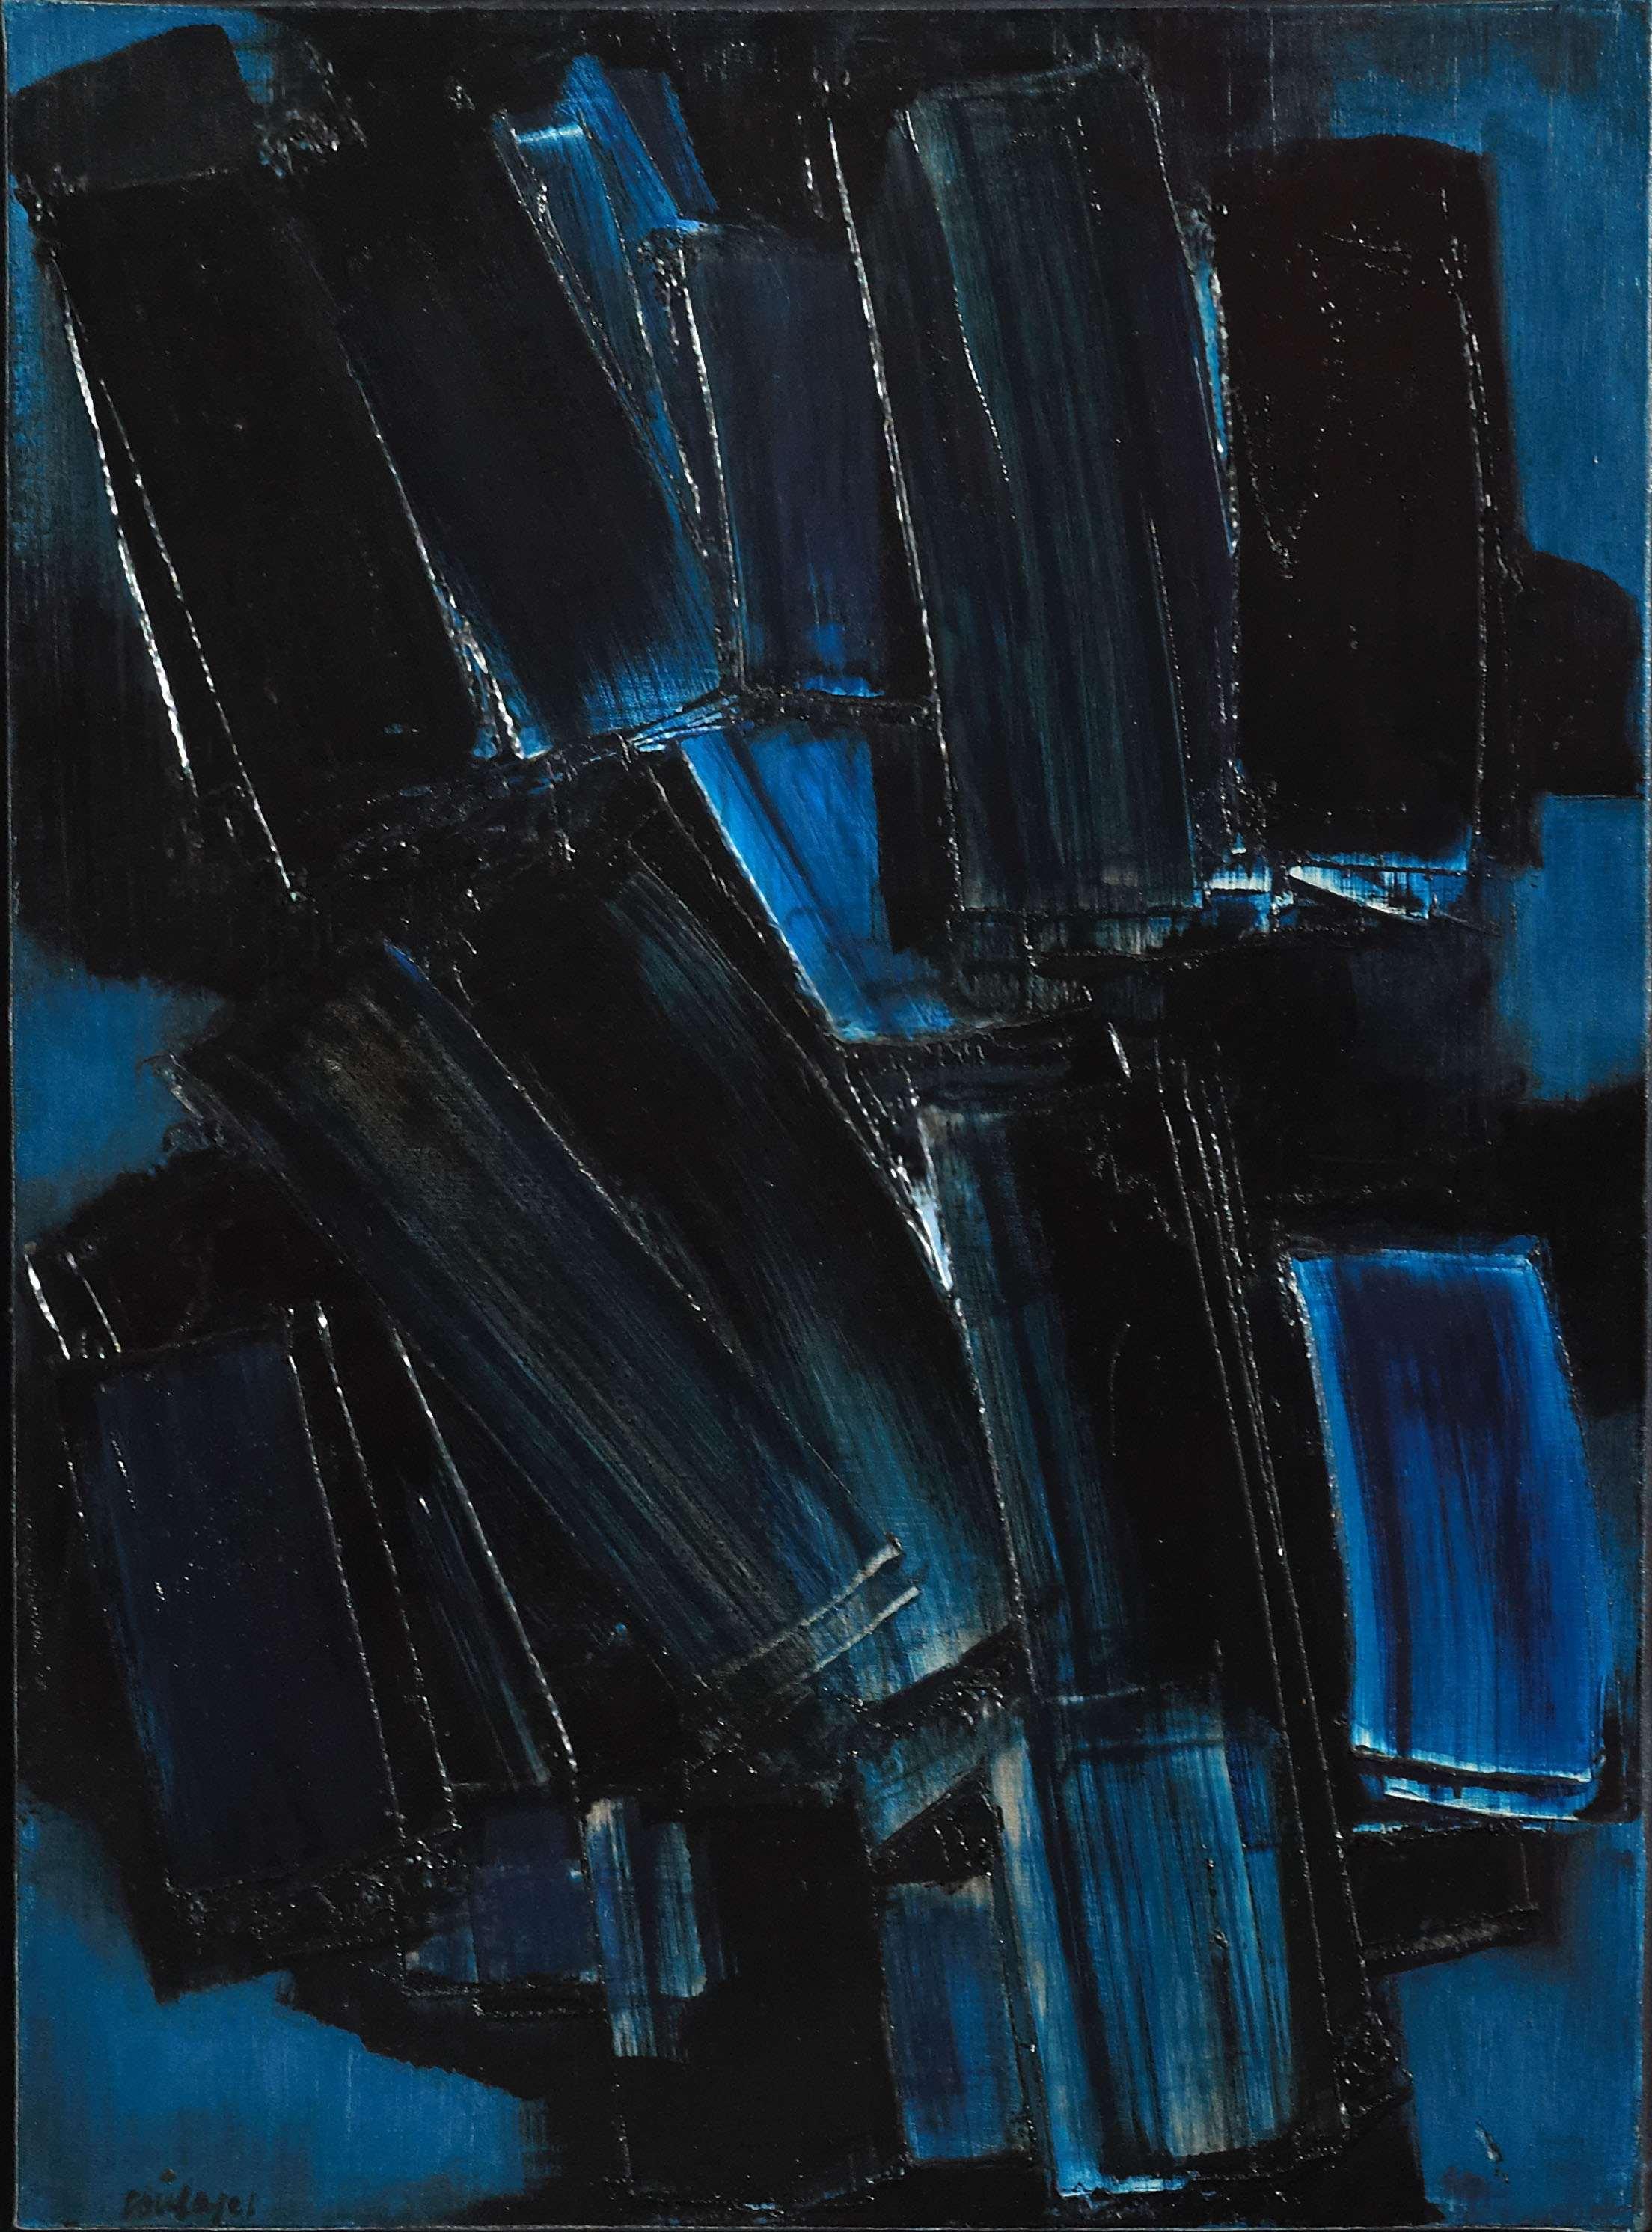 Pierre soulages alain r truong - Bleu vintage peinture ...